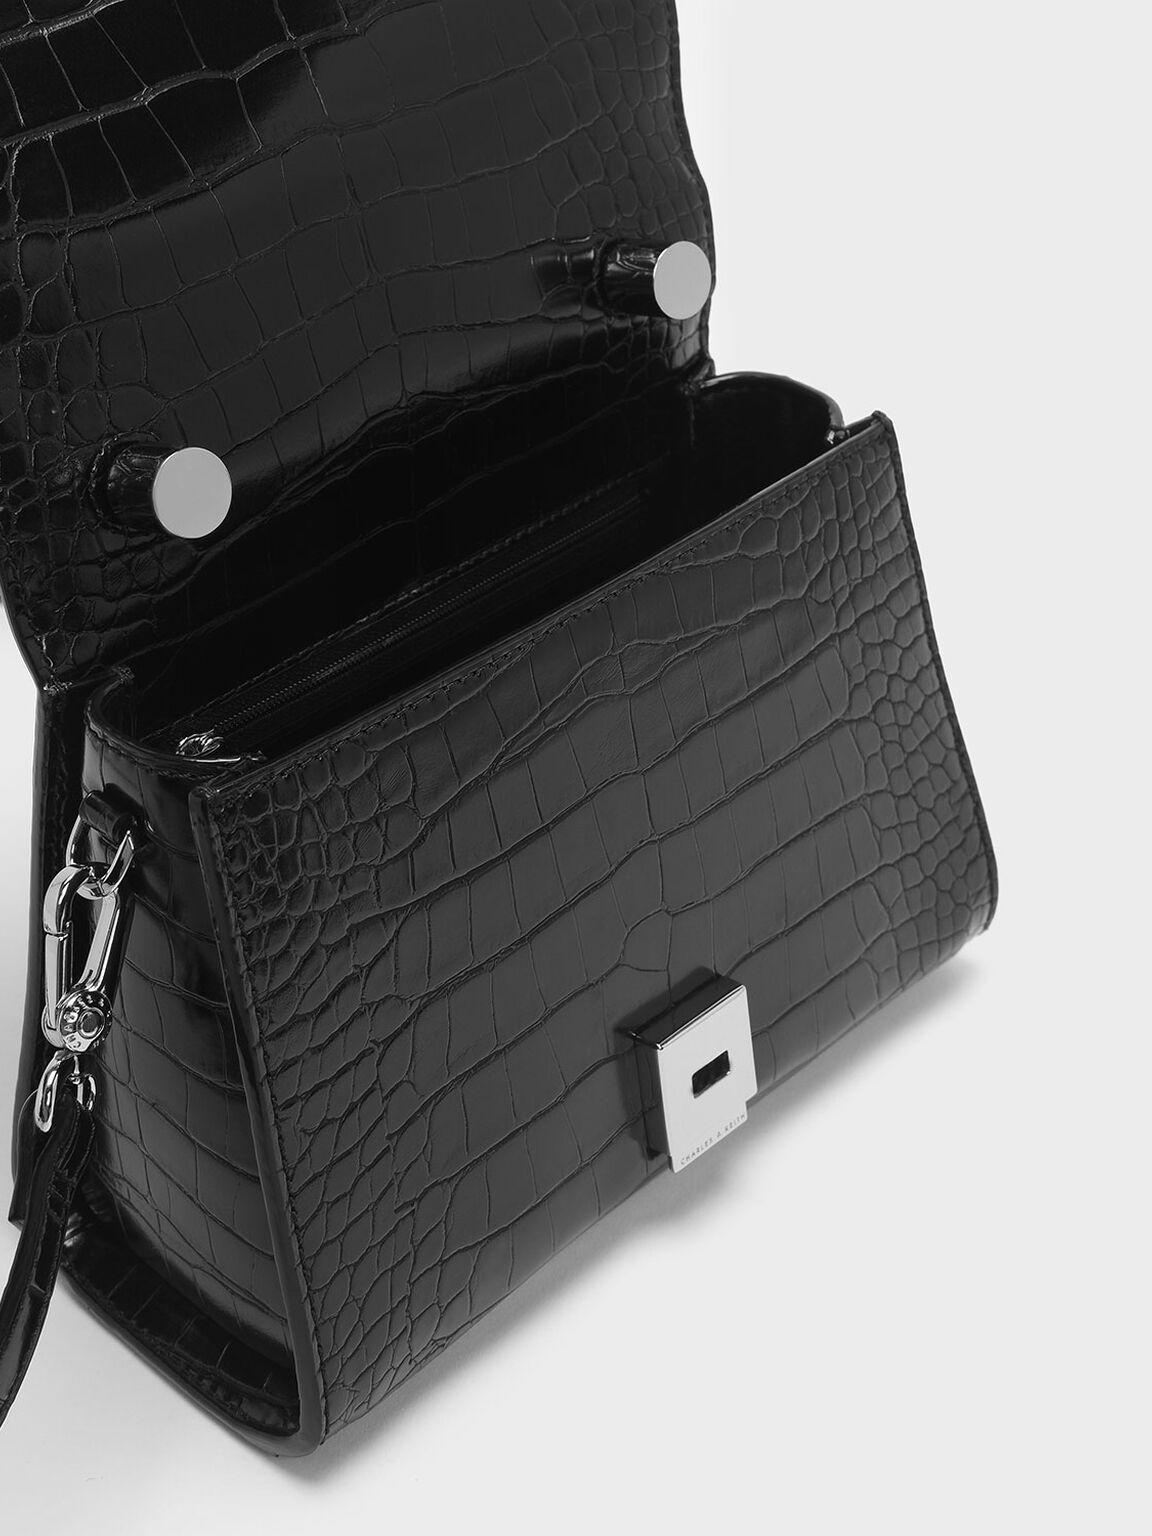 鱷魚紋經典手提包, 黑色, hi-res